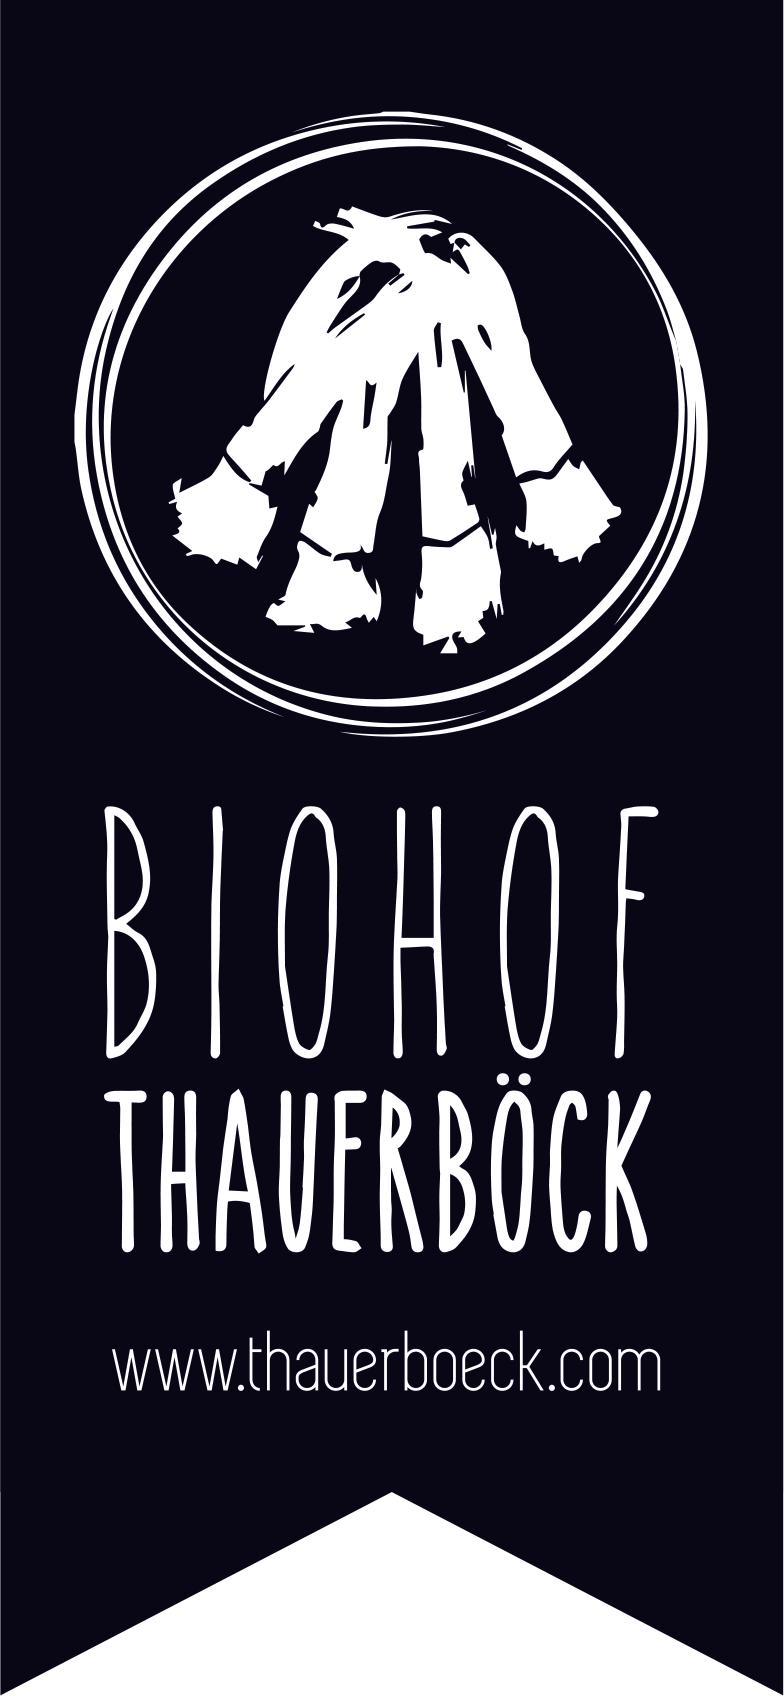 Bio_Thauerboeck_Logo_vector_RZ